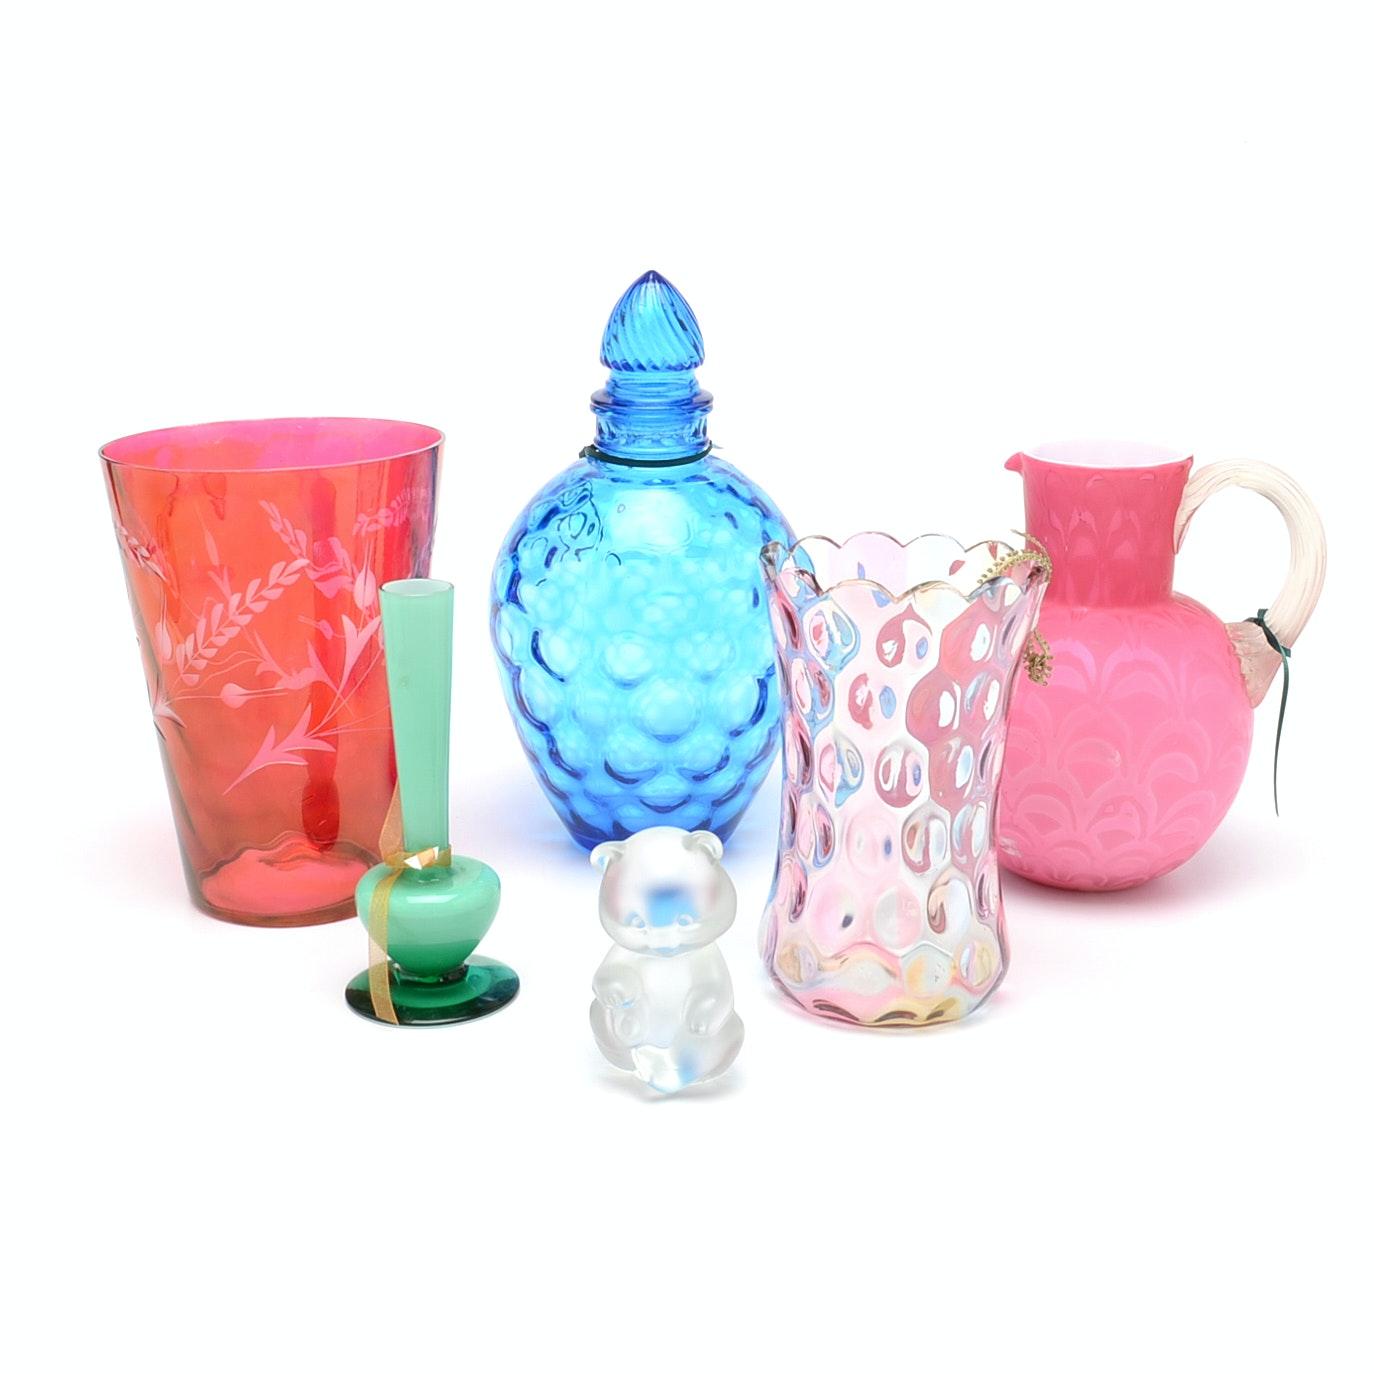 Assorted Art Glass